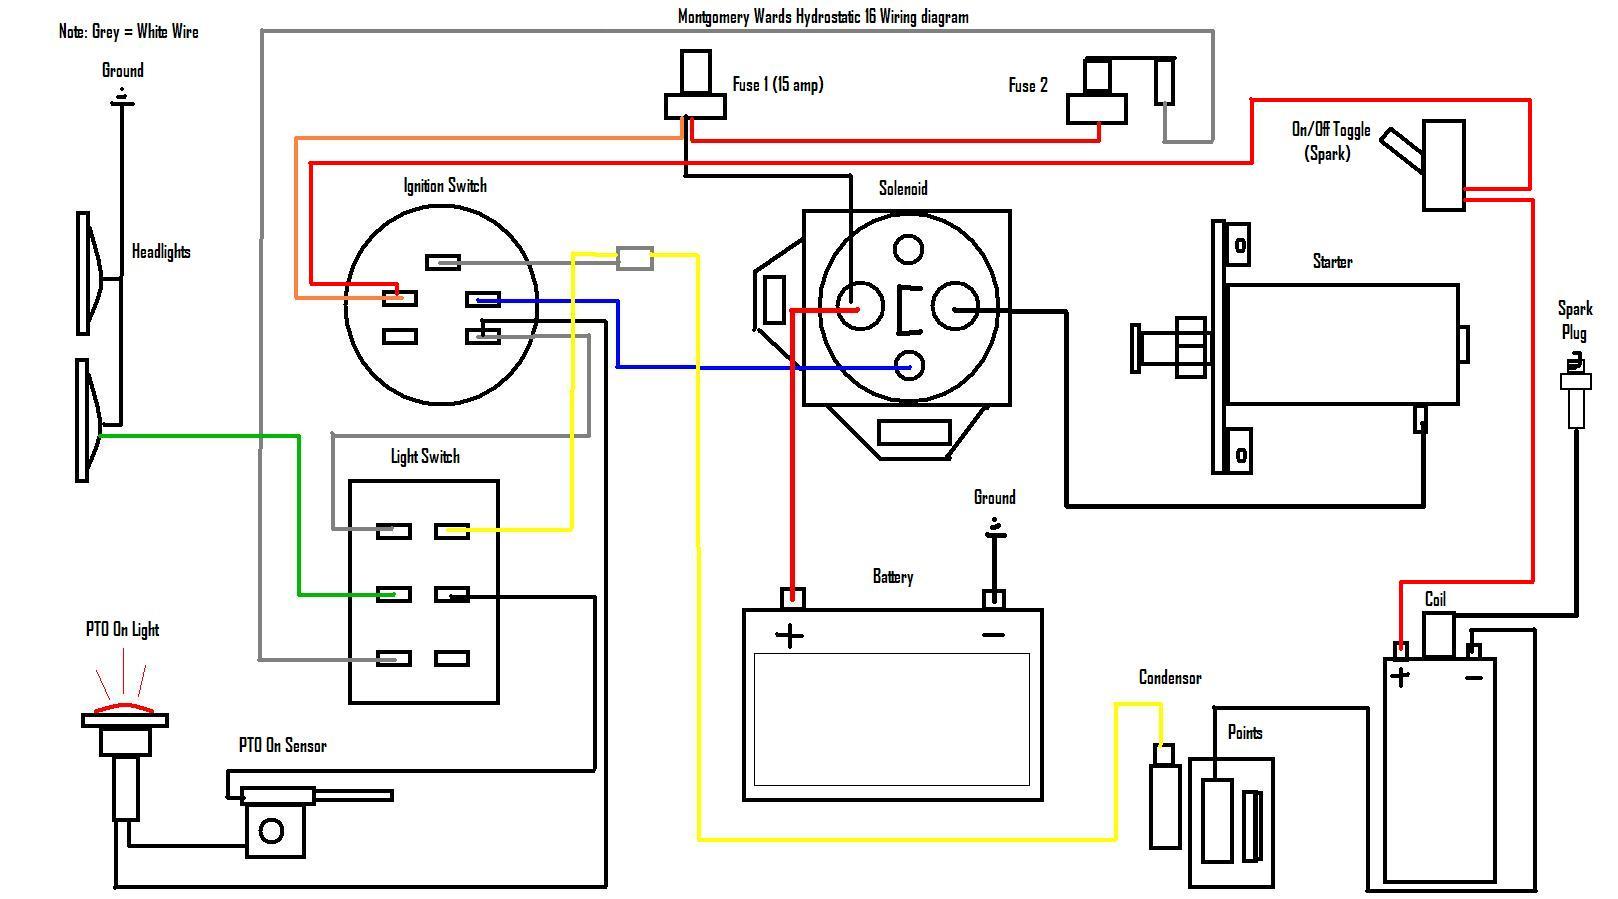 Briggs Stratton Engine Wiring Diagram | Hastalavista - Briggs And Stratton Wiring Diagram 18 Hp